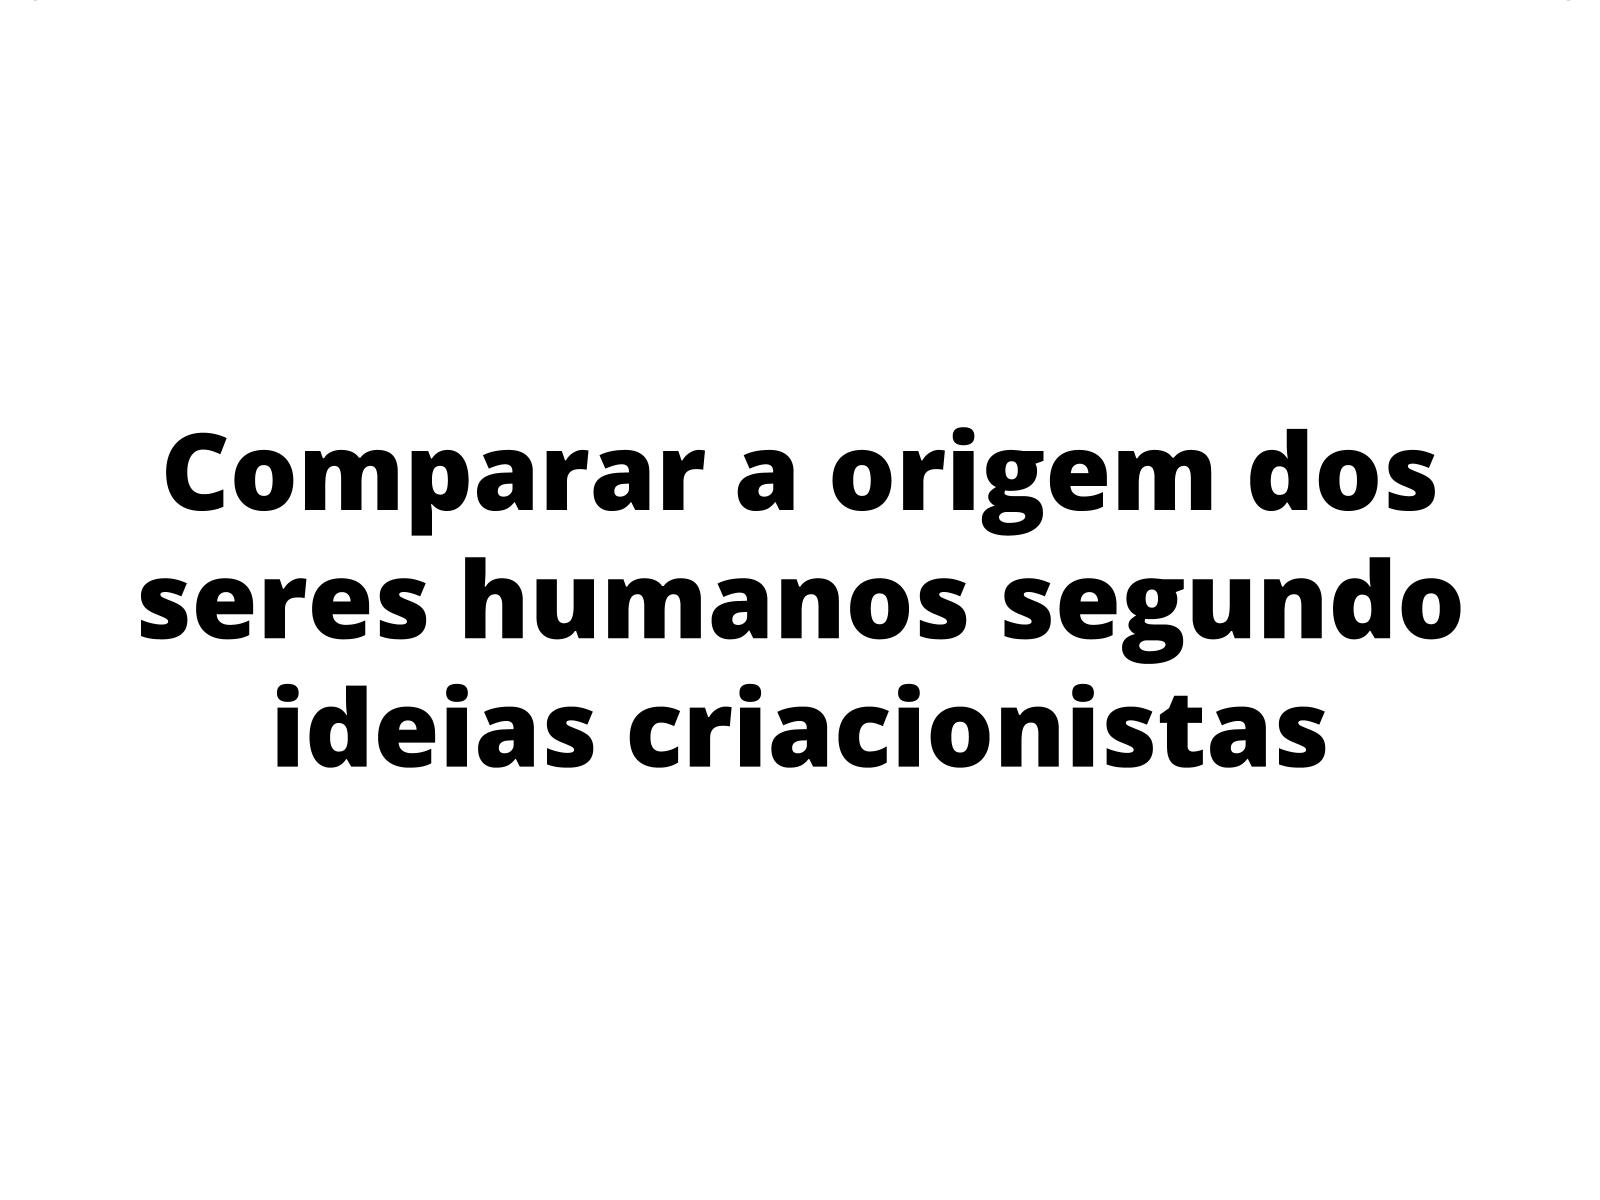 A origem dos seres humanos